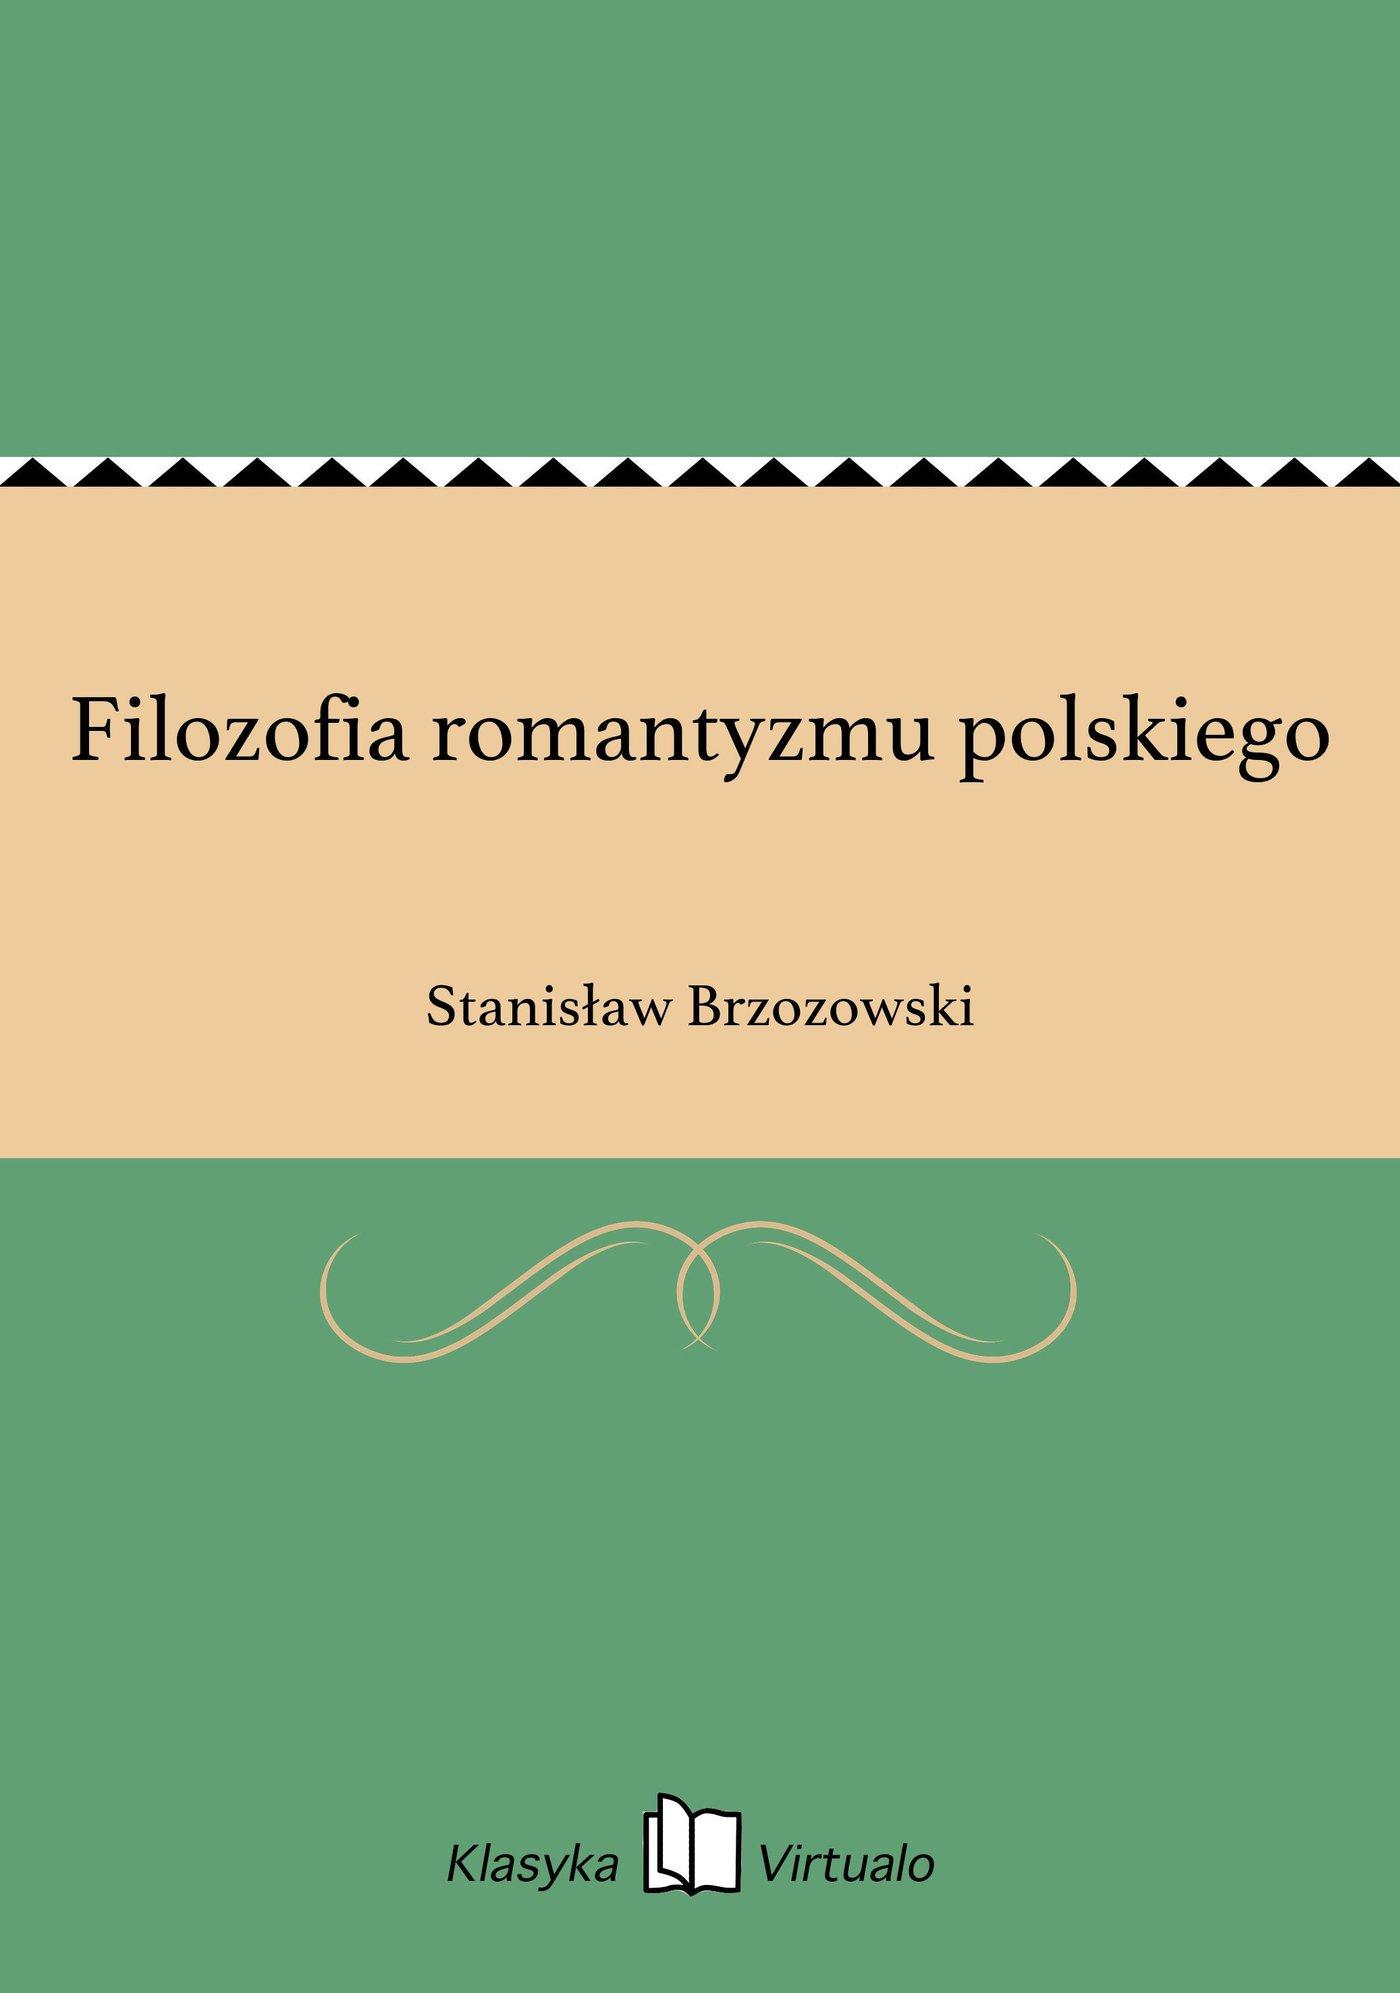 Filozofia romantyzmu polskiego - Ebook (Książka EPUB) do pobrania w formacie EPUB